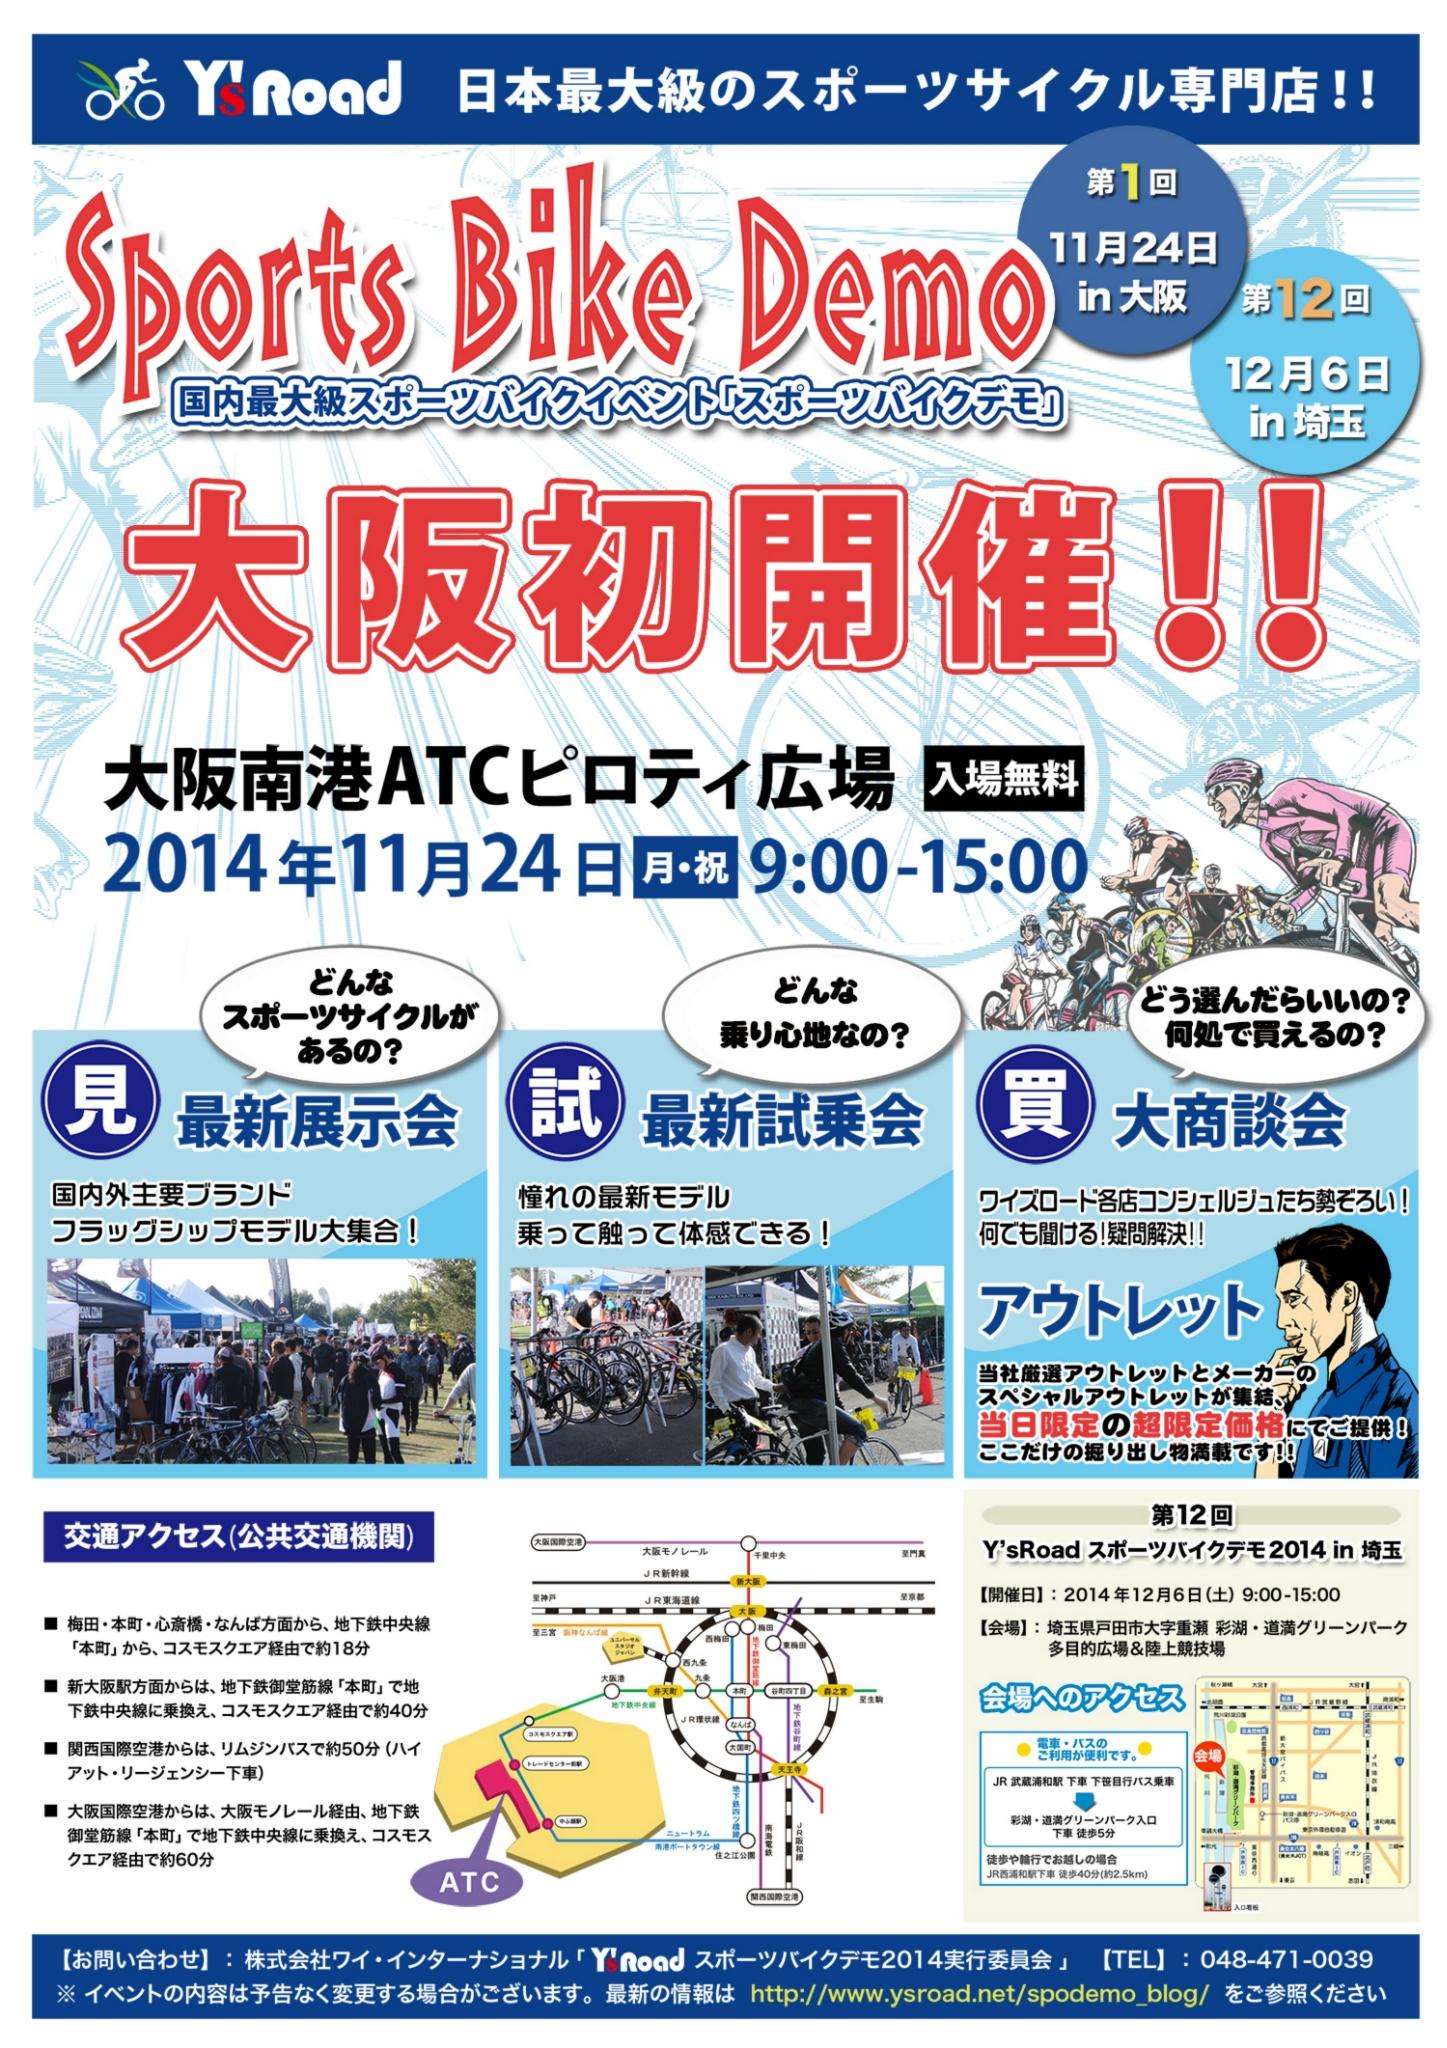 SPORTS BIKE DEMO in 大阪